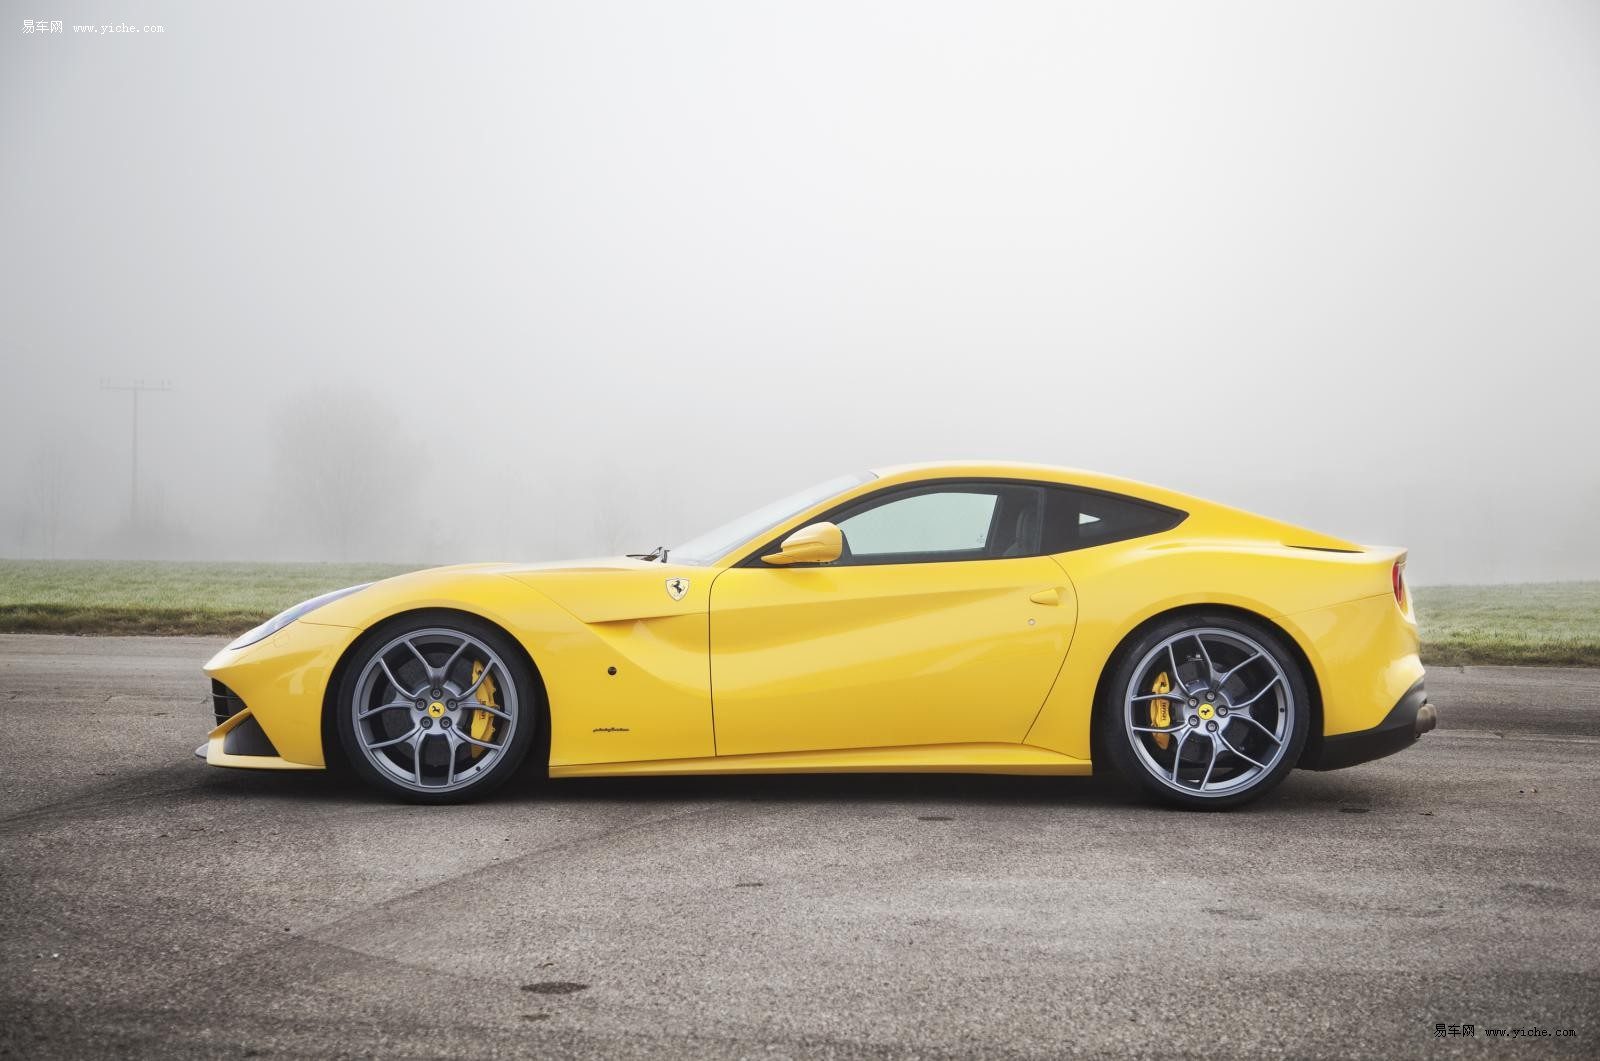 法拉利f12性能改装车 更多图片赏析 新闻中心 易车网高清图片